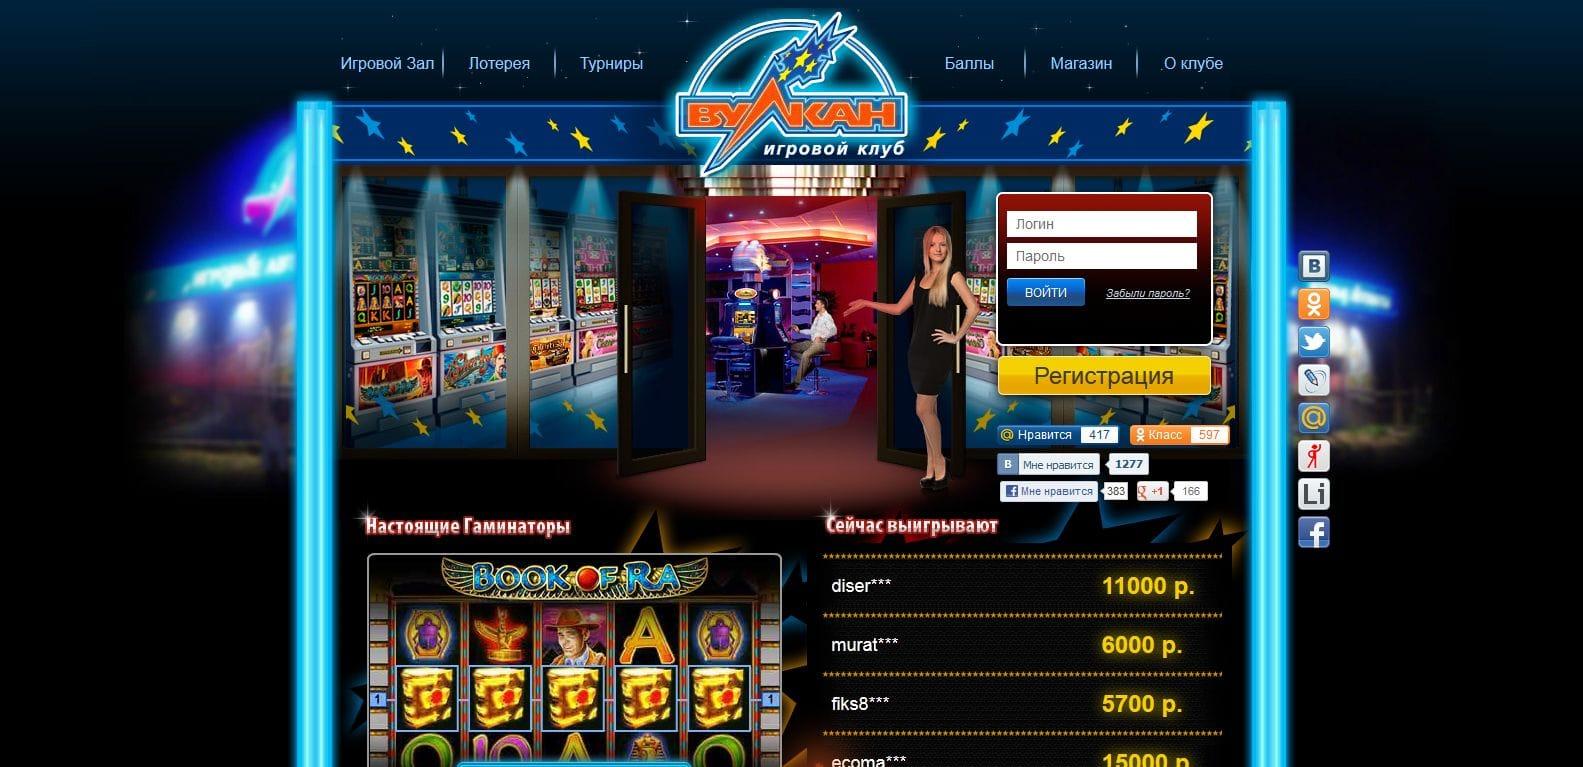 Казино онлайн клуб вулкан скачать симулятор игровые автоматы